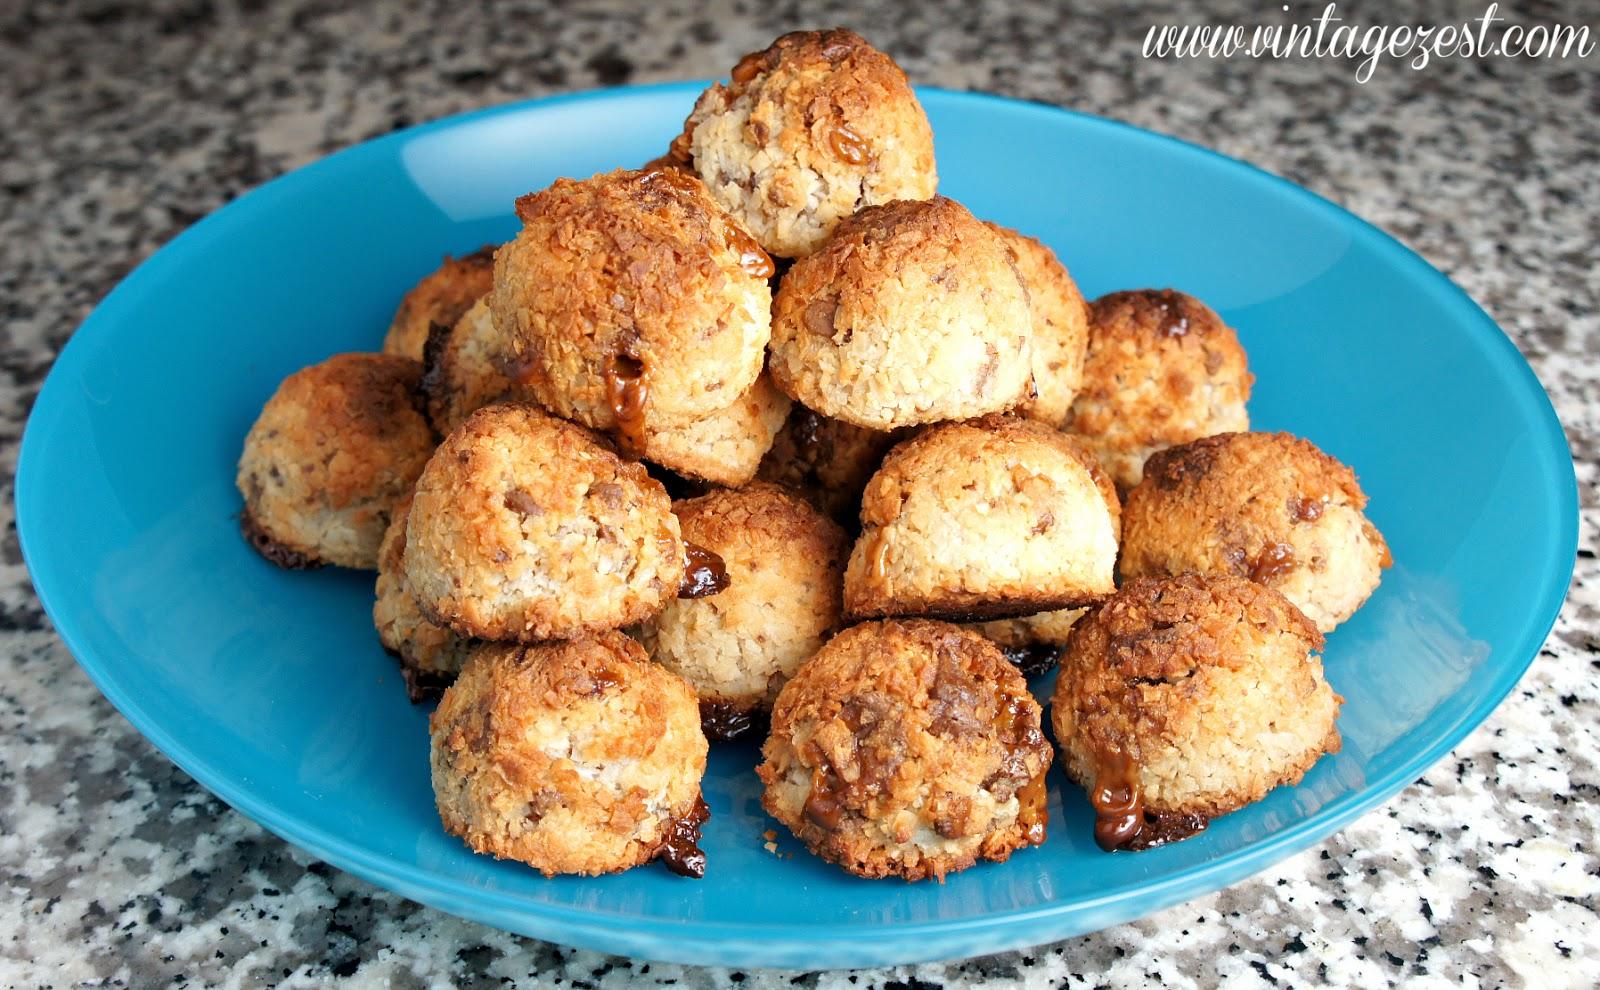 TWIX Bites Coconut Macaroons on Diane's Vintage Zest! #eatmorebites #shop #cbias @vintagezest